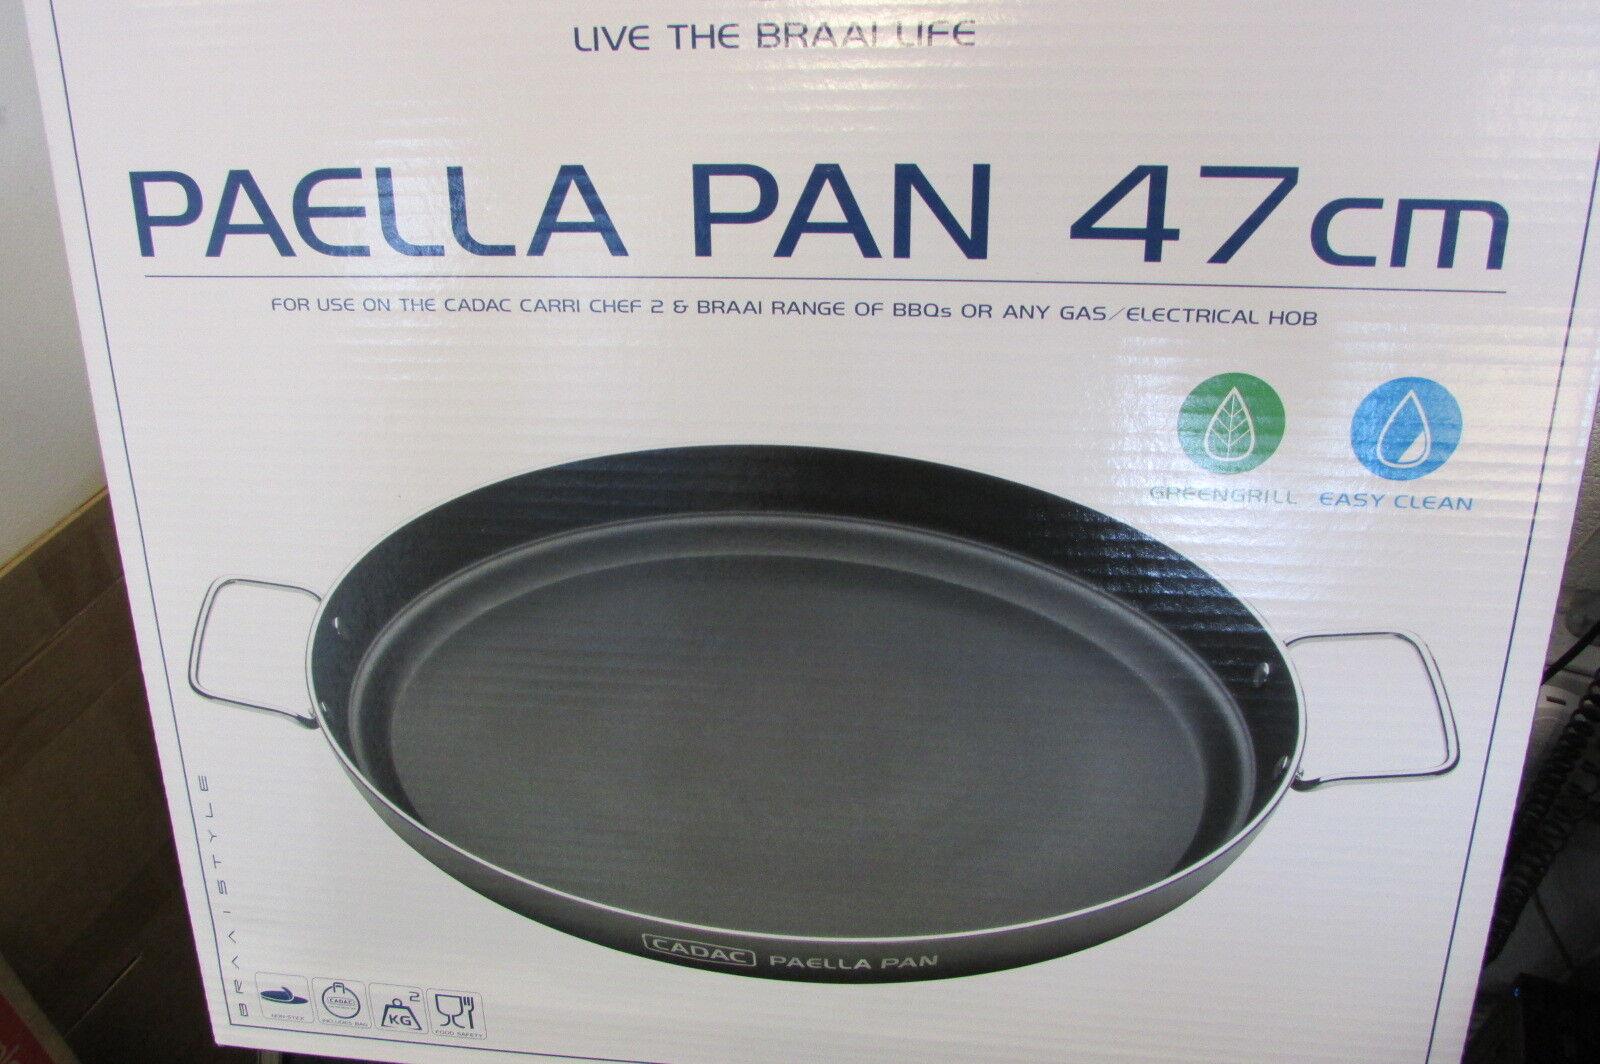 Cadac Paella Pan 47 Cm.Cadac Paella Pan 47